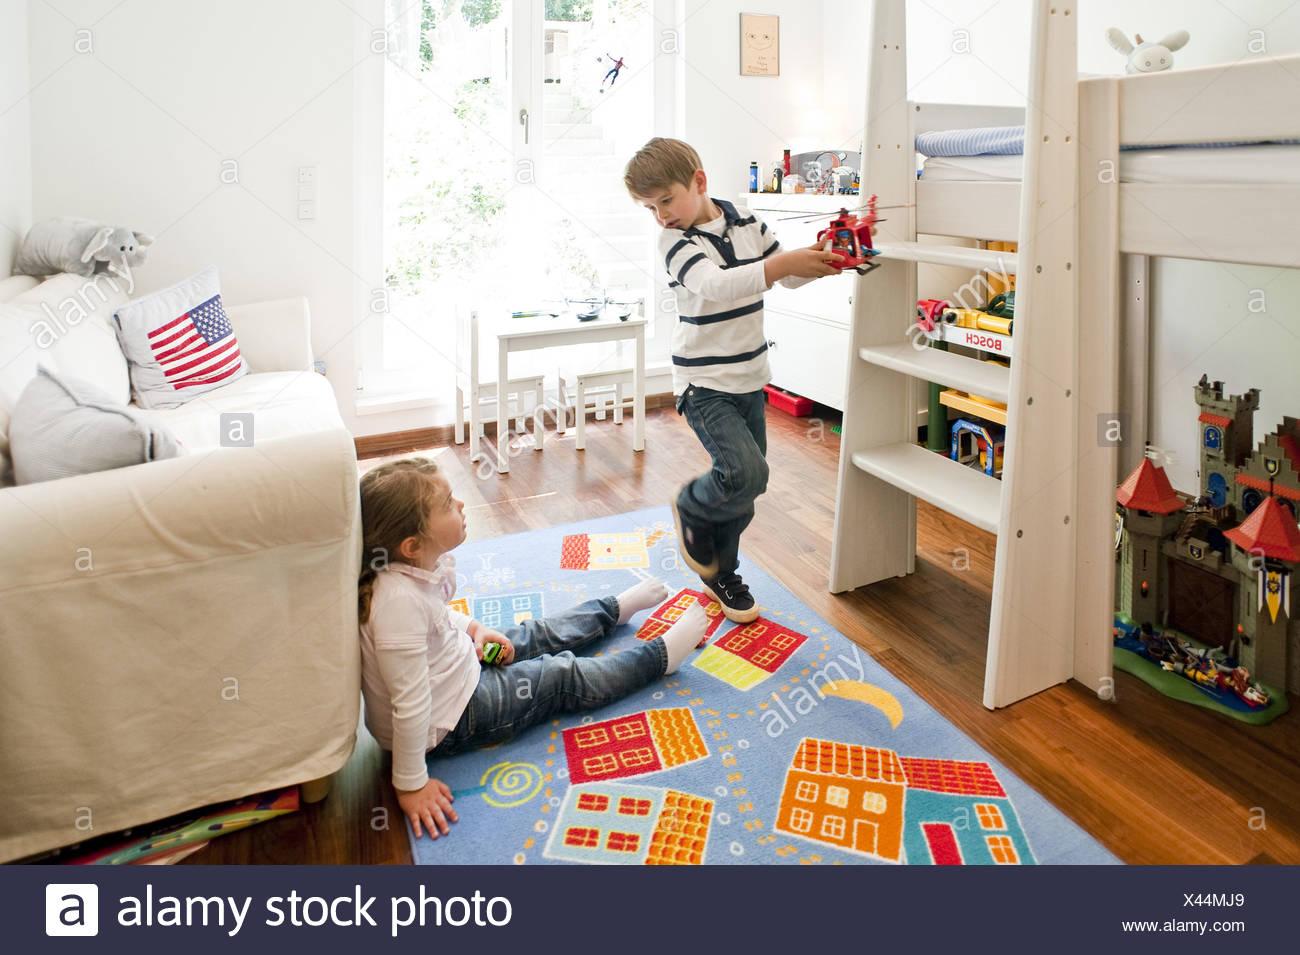 Zwei Kinder Spielen Im Kinderzimmer Hamburg Deutschland Stockfoto